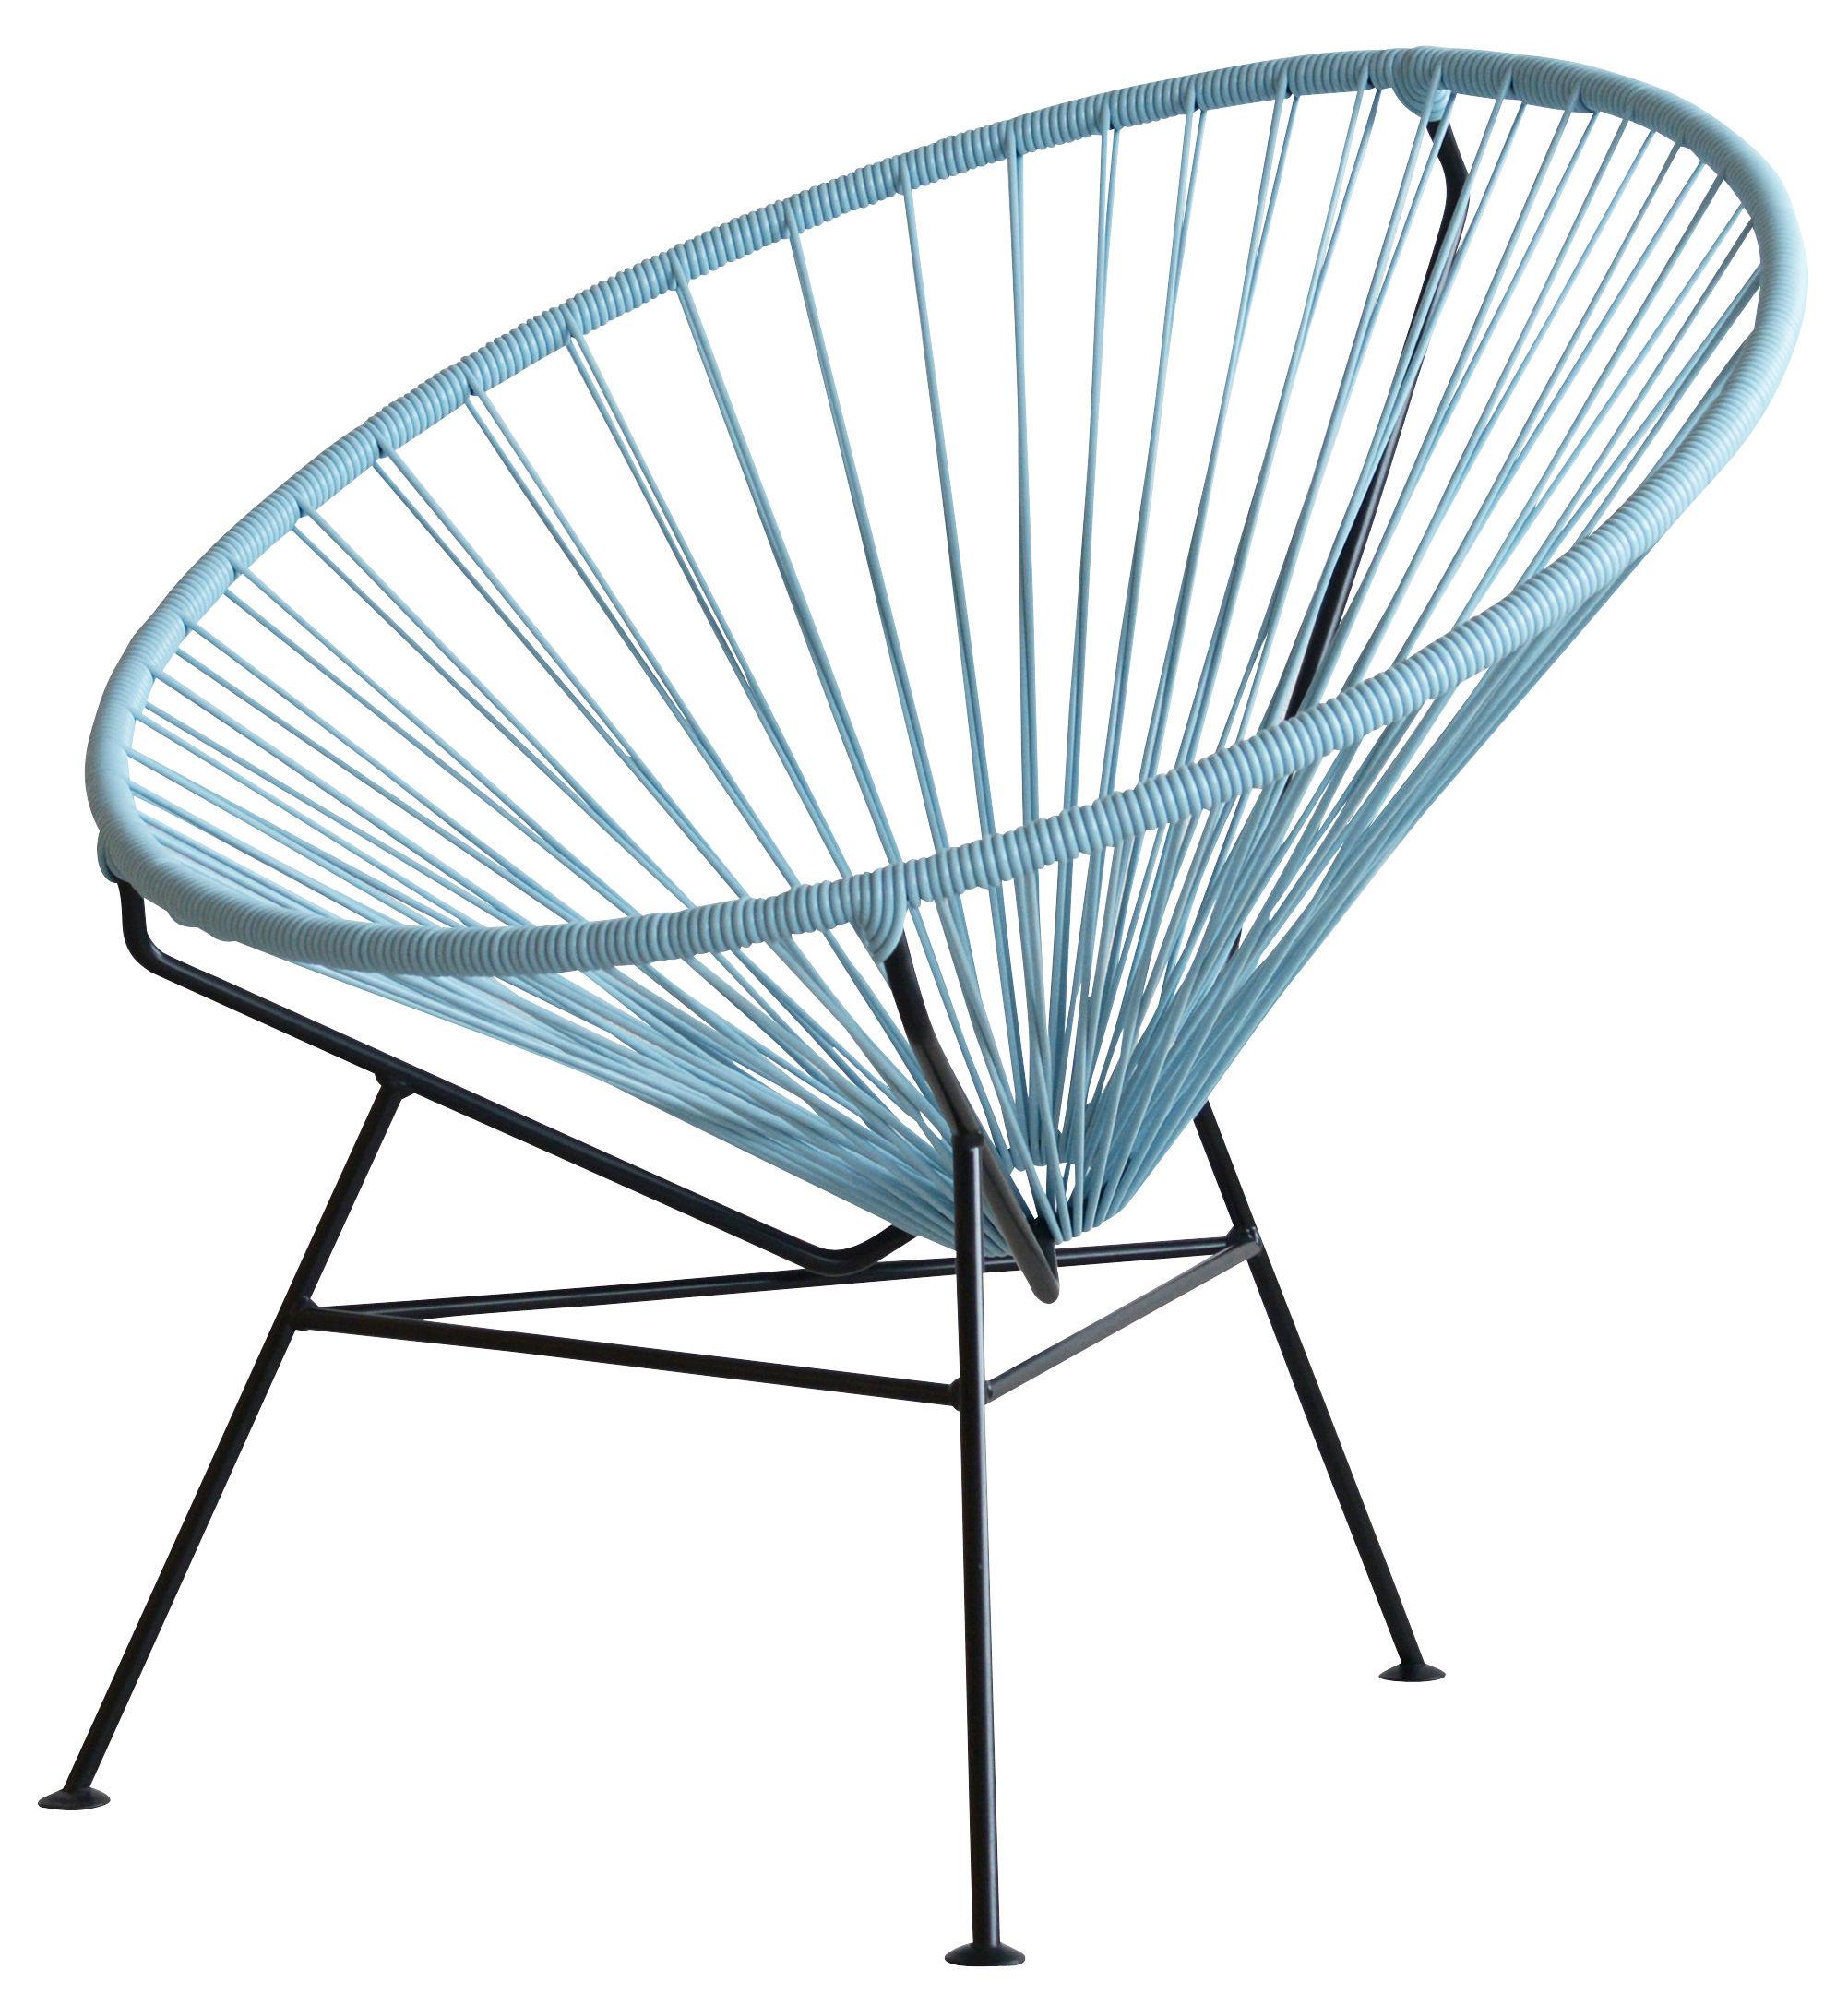 Mobilier - Fauteuils - Fauteuil bas Condesa - OK Design pour Sentou Edition - Bleu gris - Acier laqué, Matière plastique